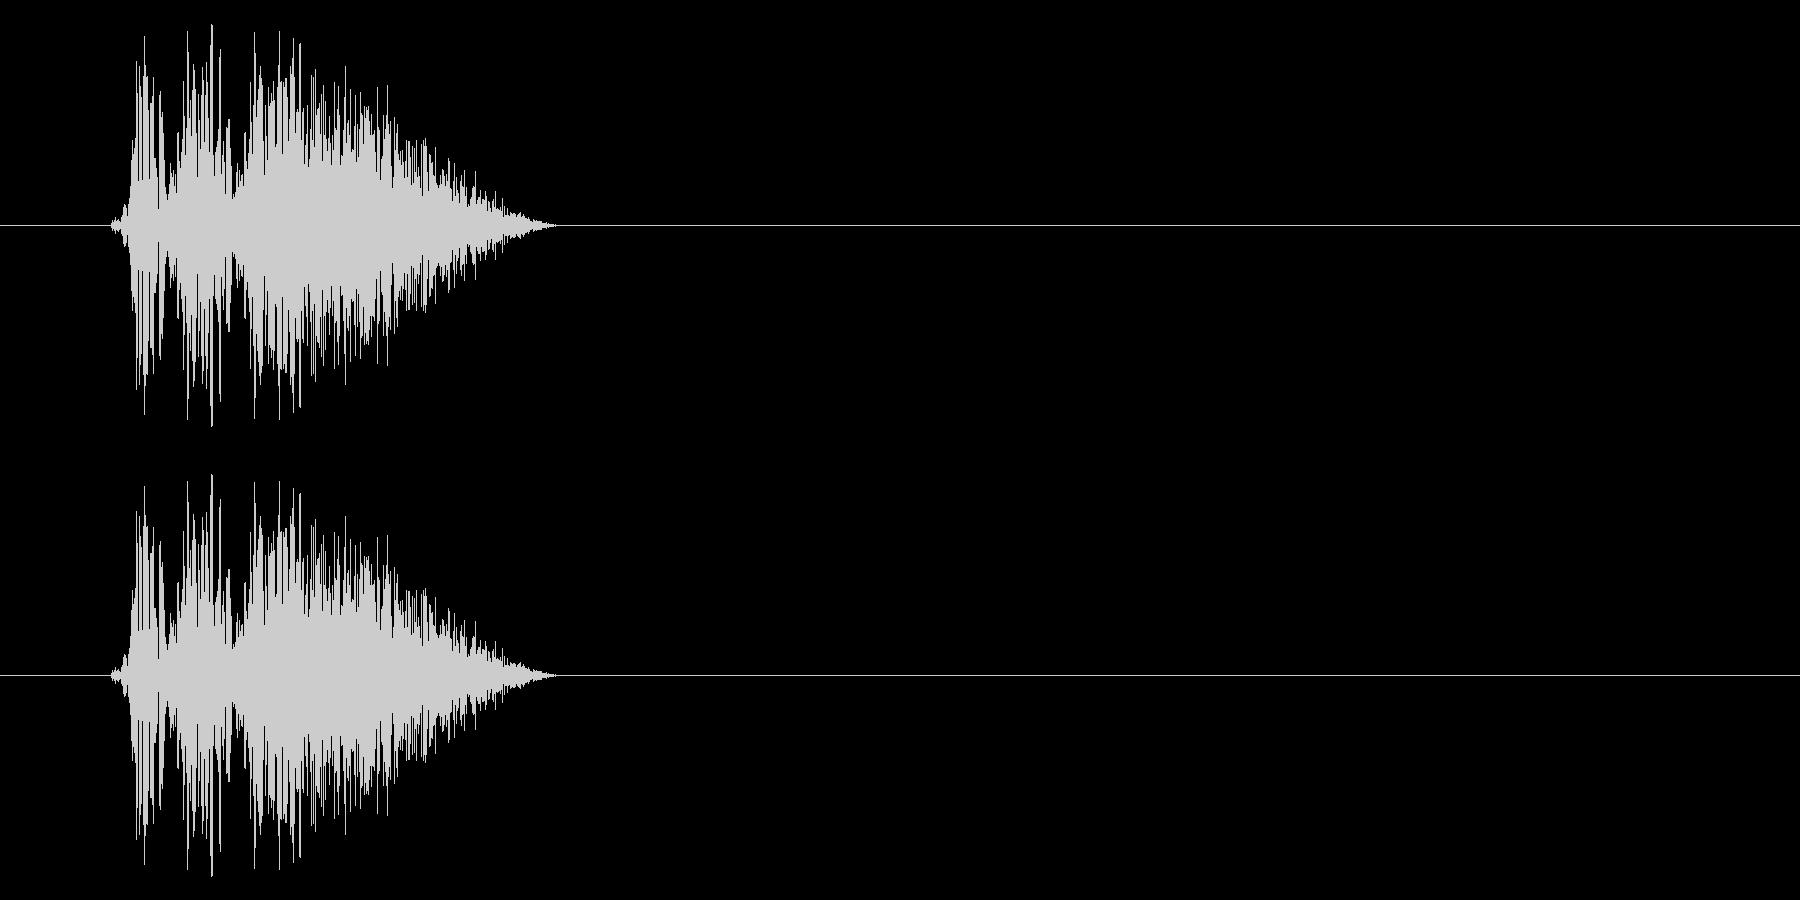 SNES 格闘06-03(ヒット)の未再生の波形